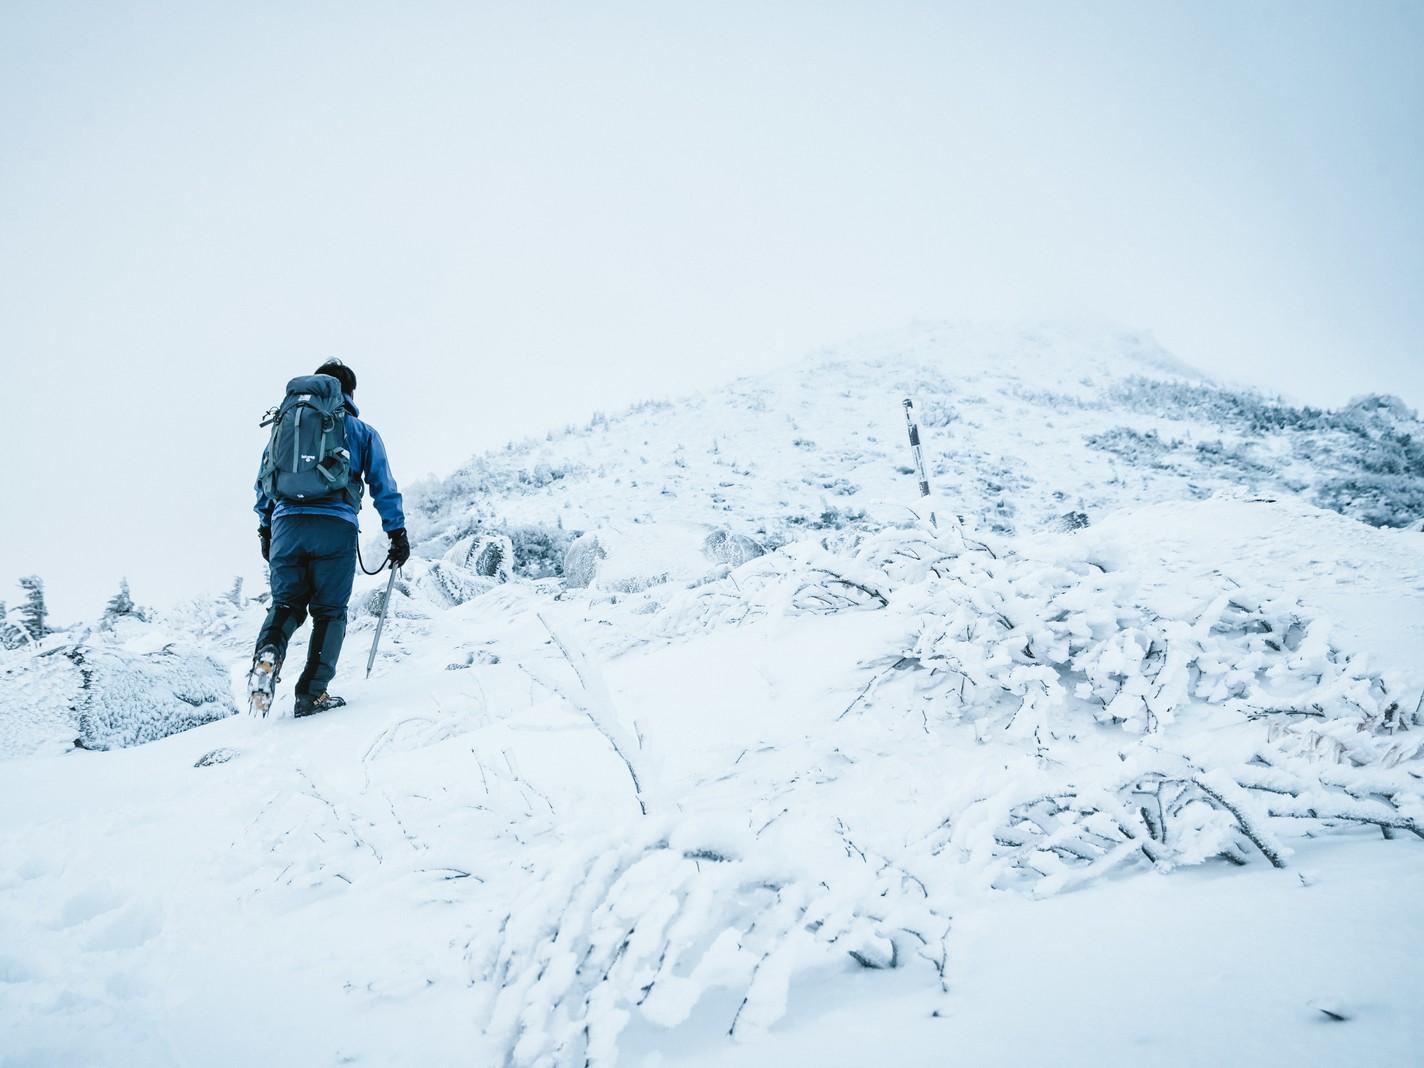 2021.4.3-4 山の講習会[雪山編]雪山挑戦②《硫黄岳》(W4)